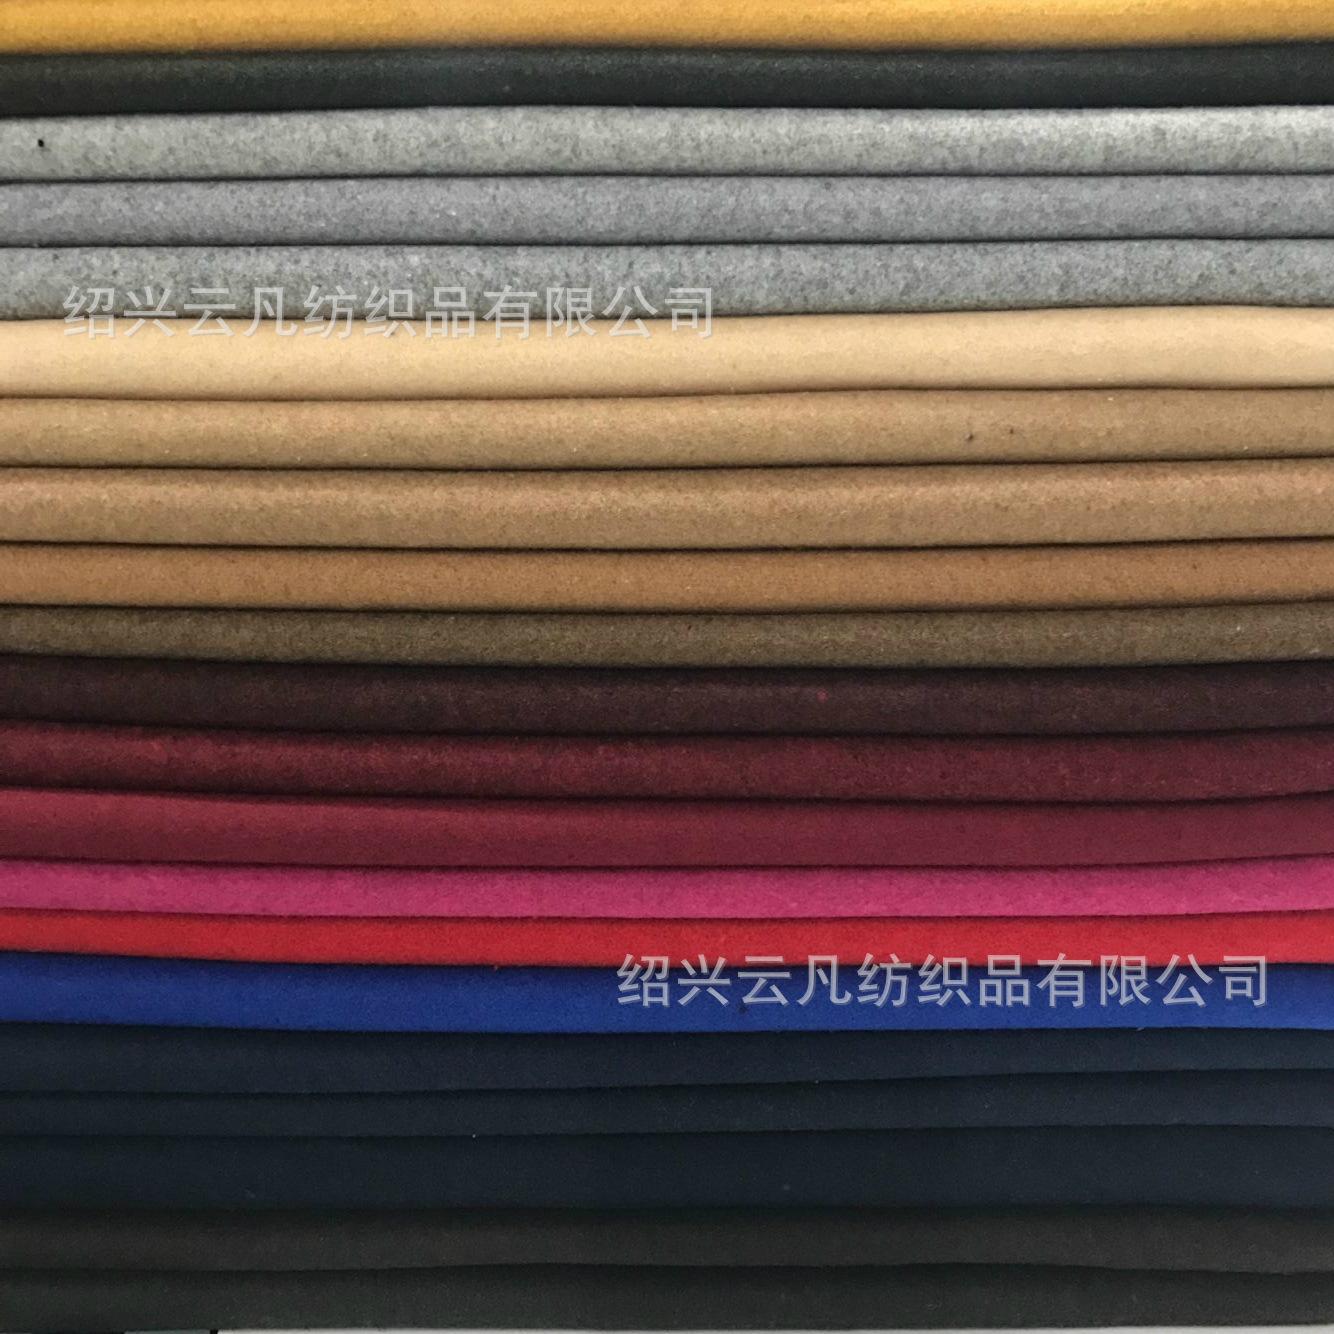 e1566b80a709 Брендовая одежда из Китая с выгодной доставкой - компания Меконг